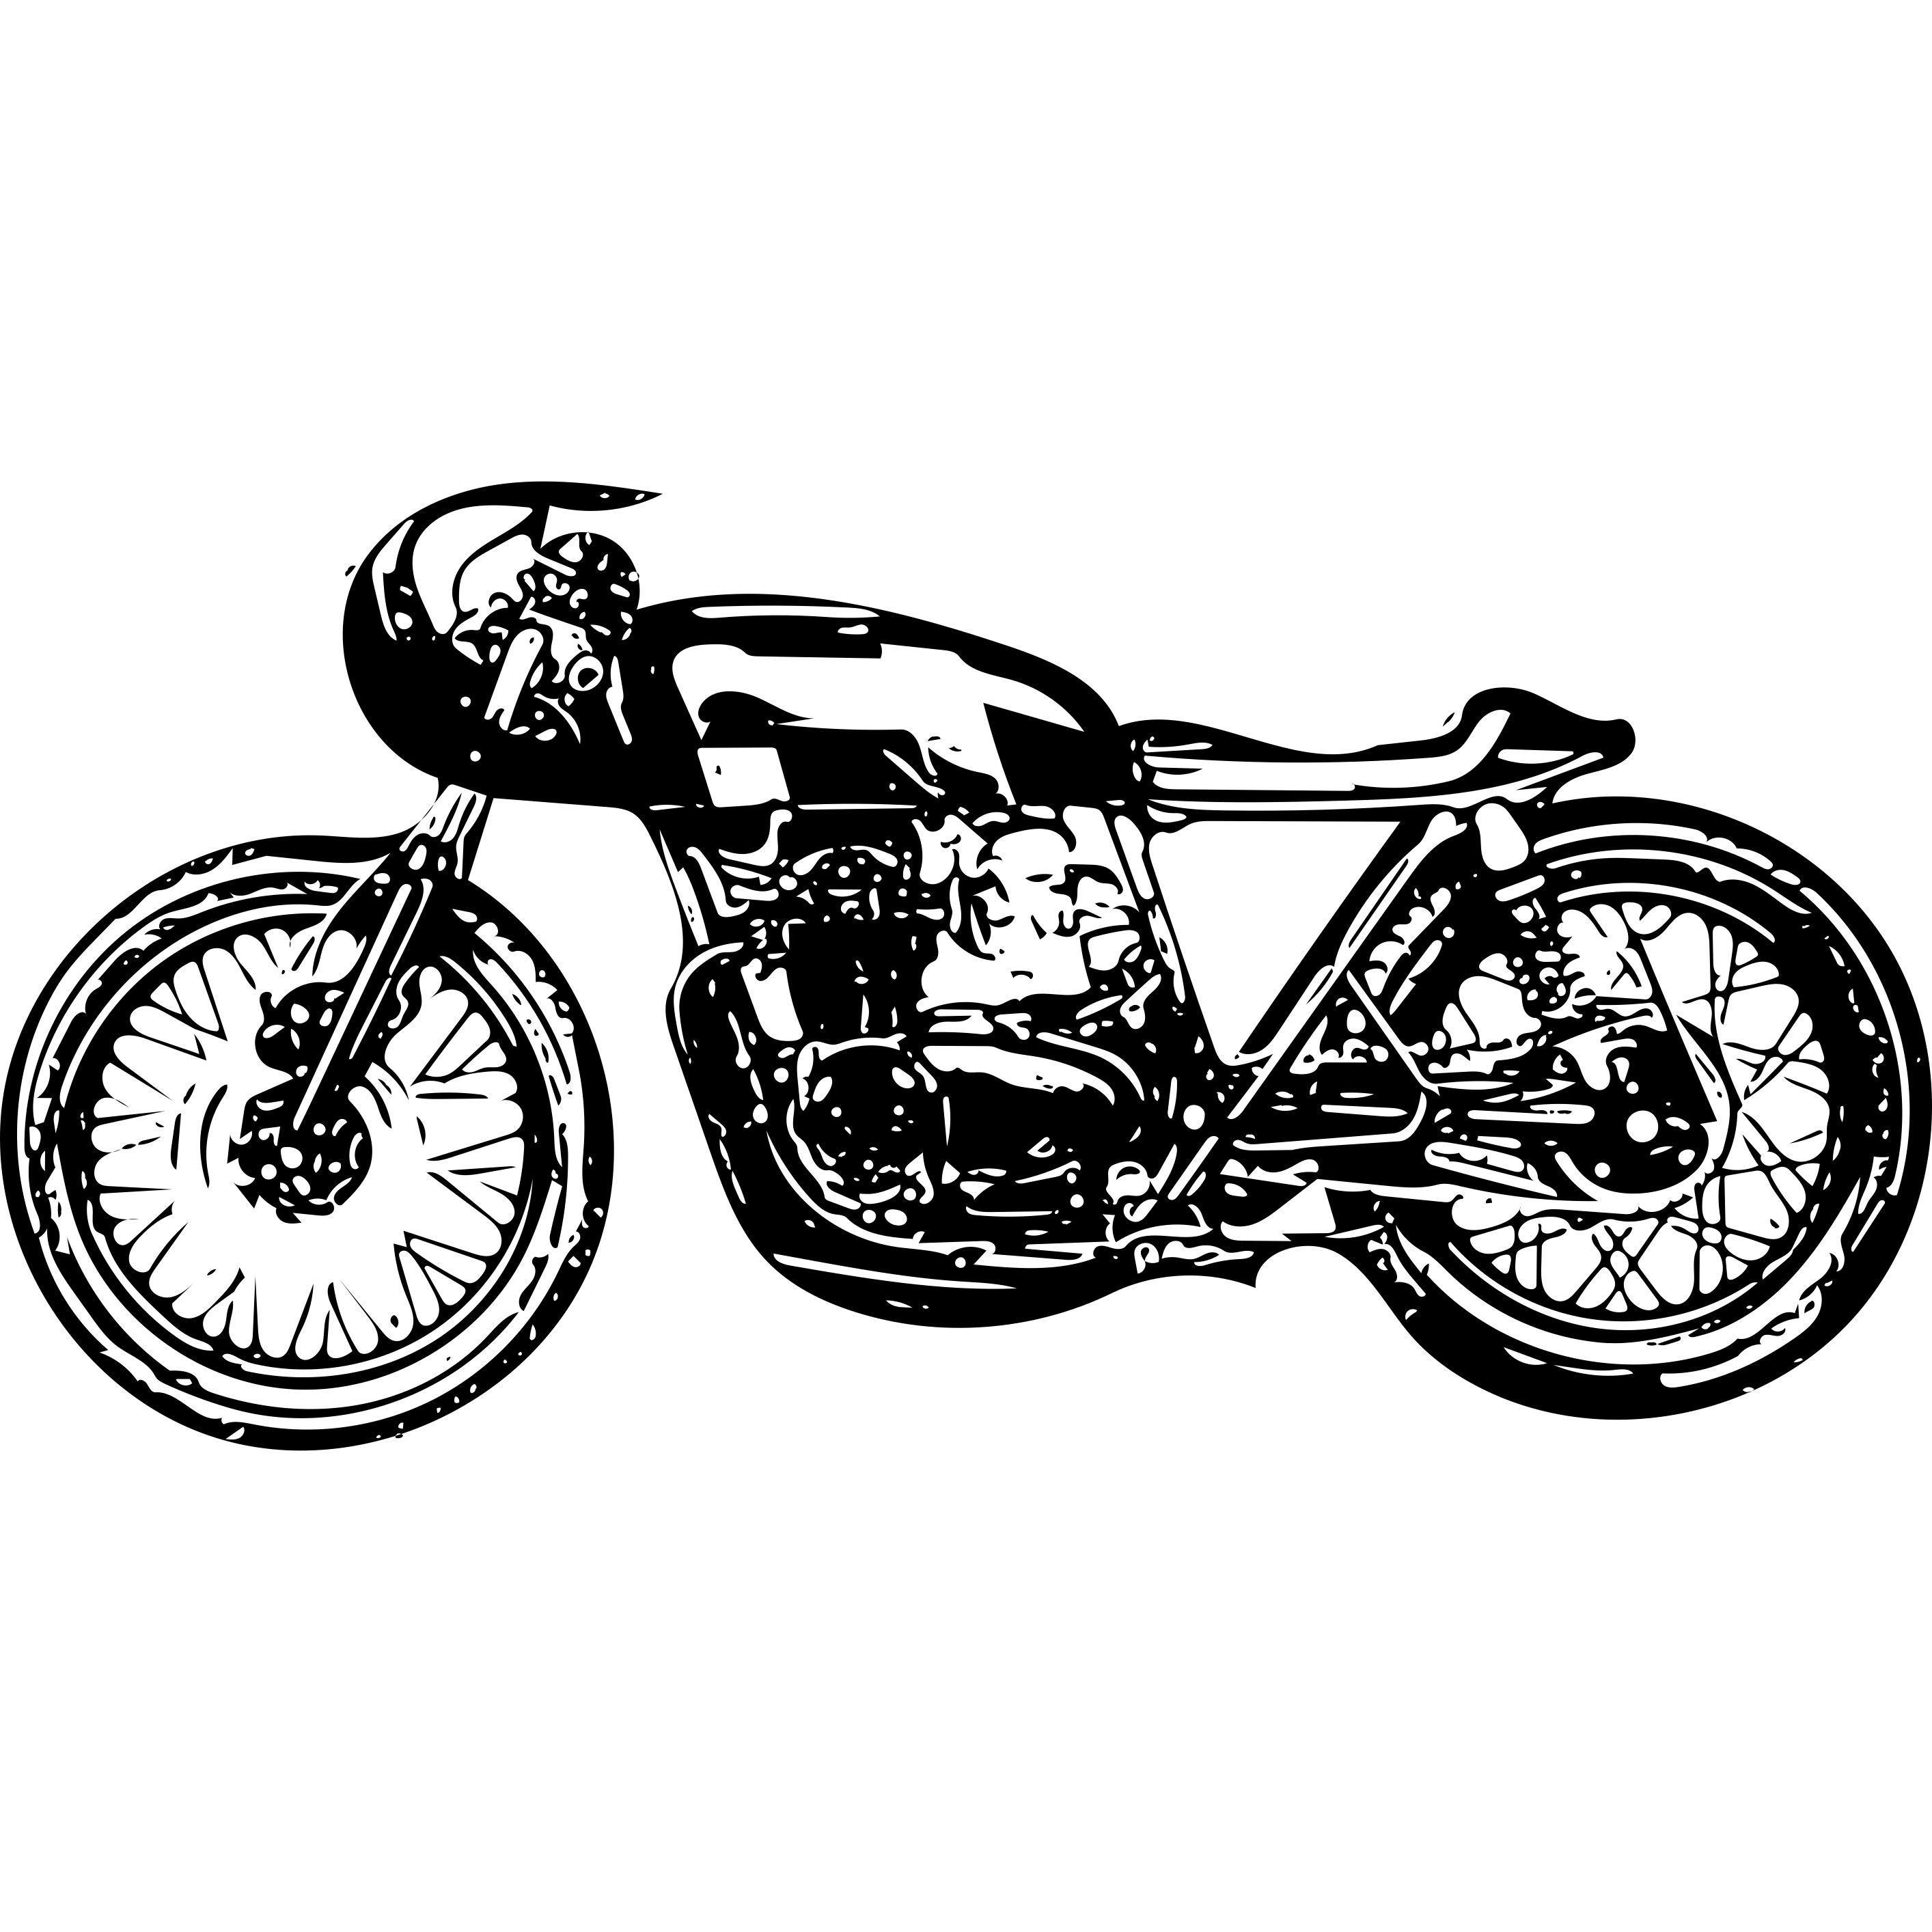 カフェレーサーカスタムに最適なバイク